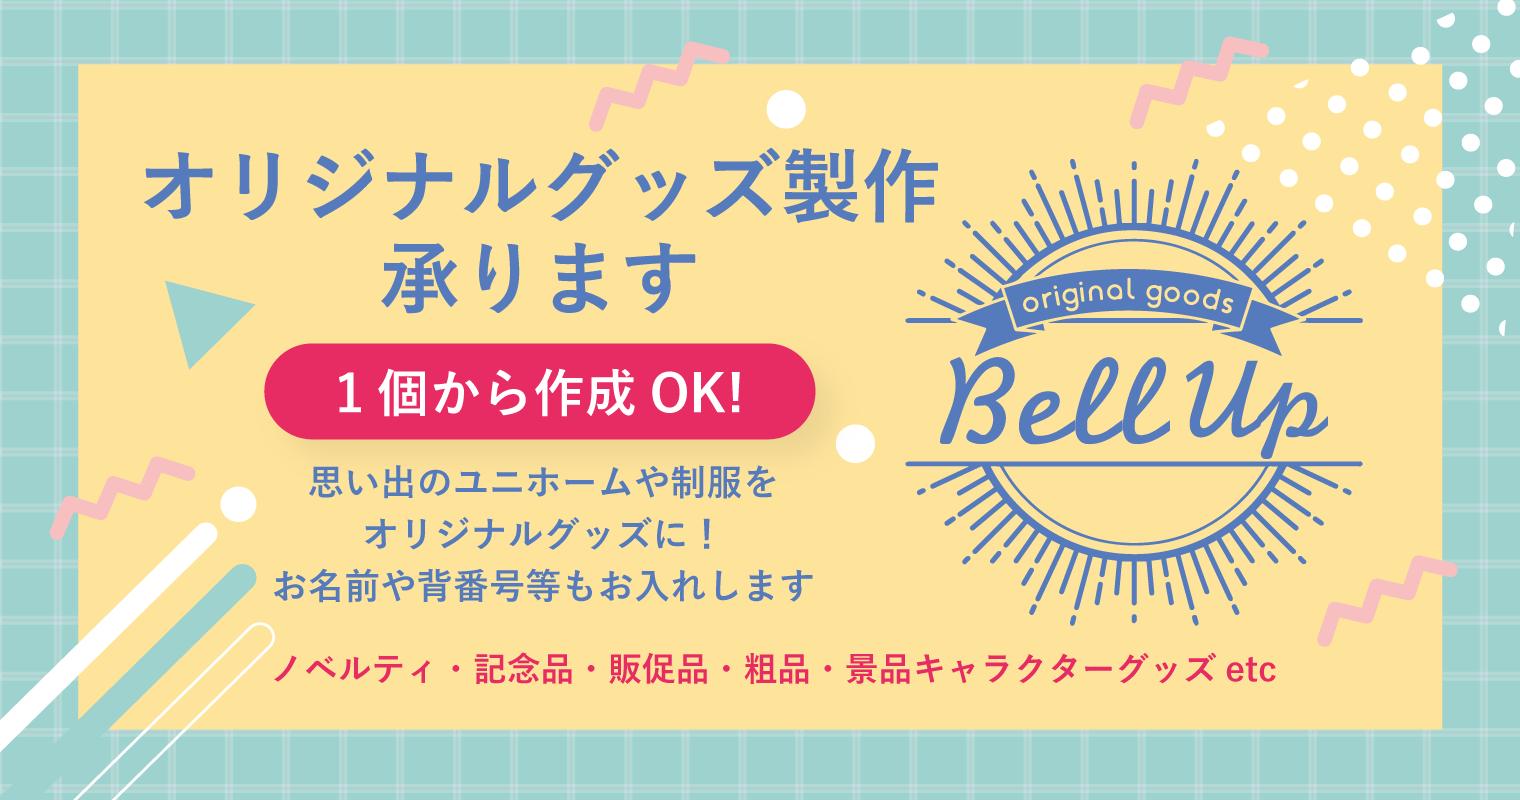 オリジナルグッズ製作『Bell Up』